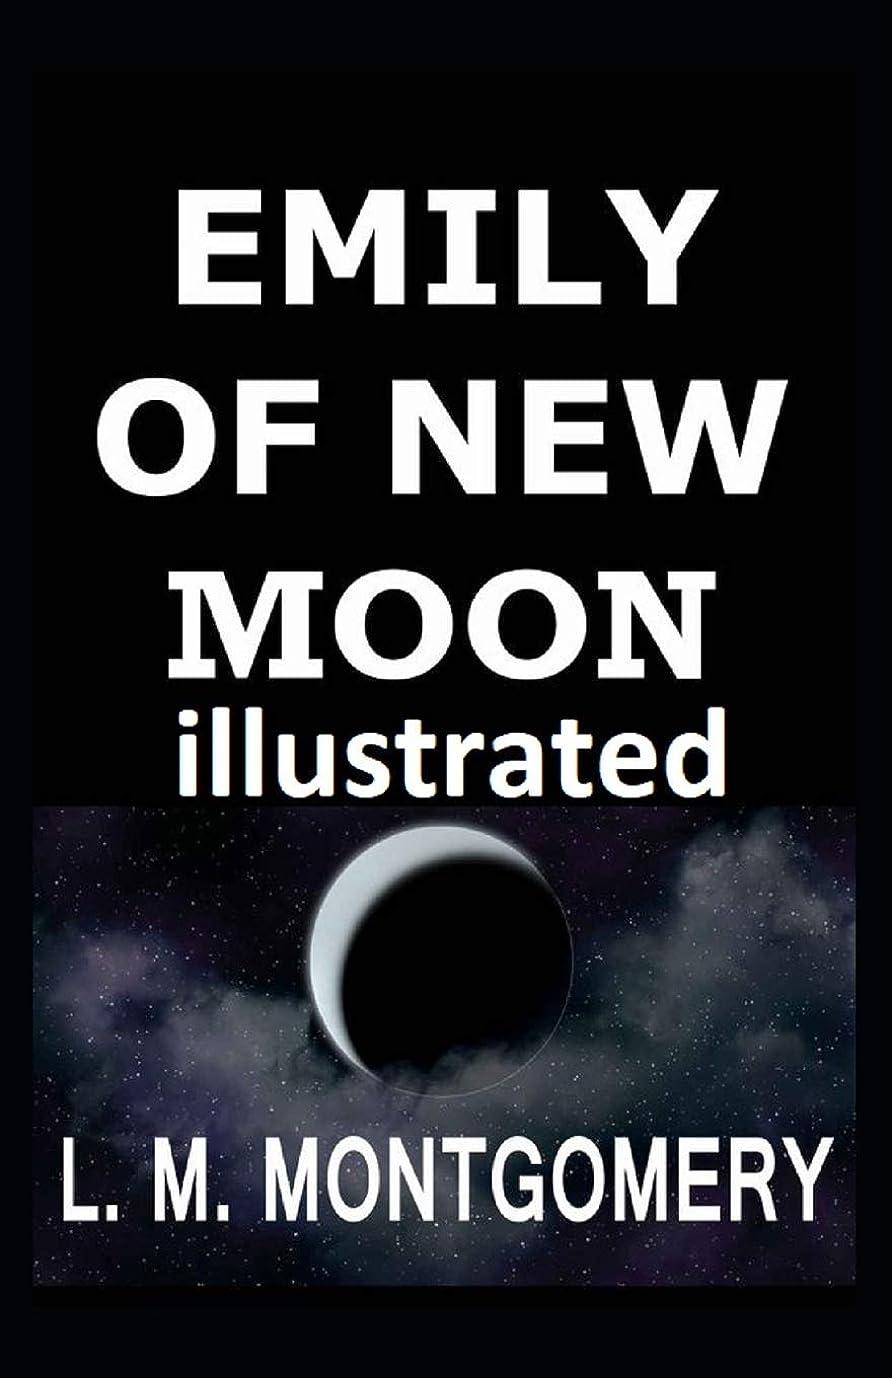 レキシコン刈るバラエティEmily of New Moon illustrated